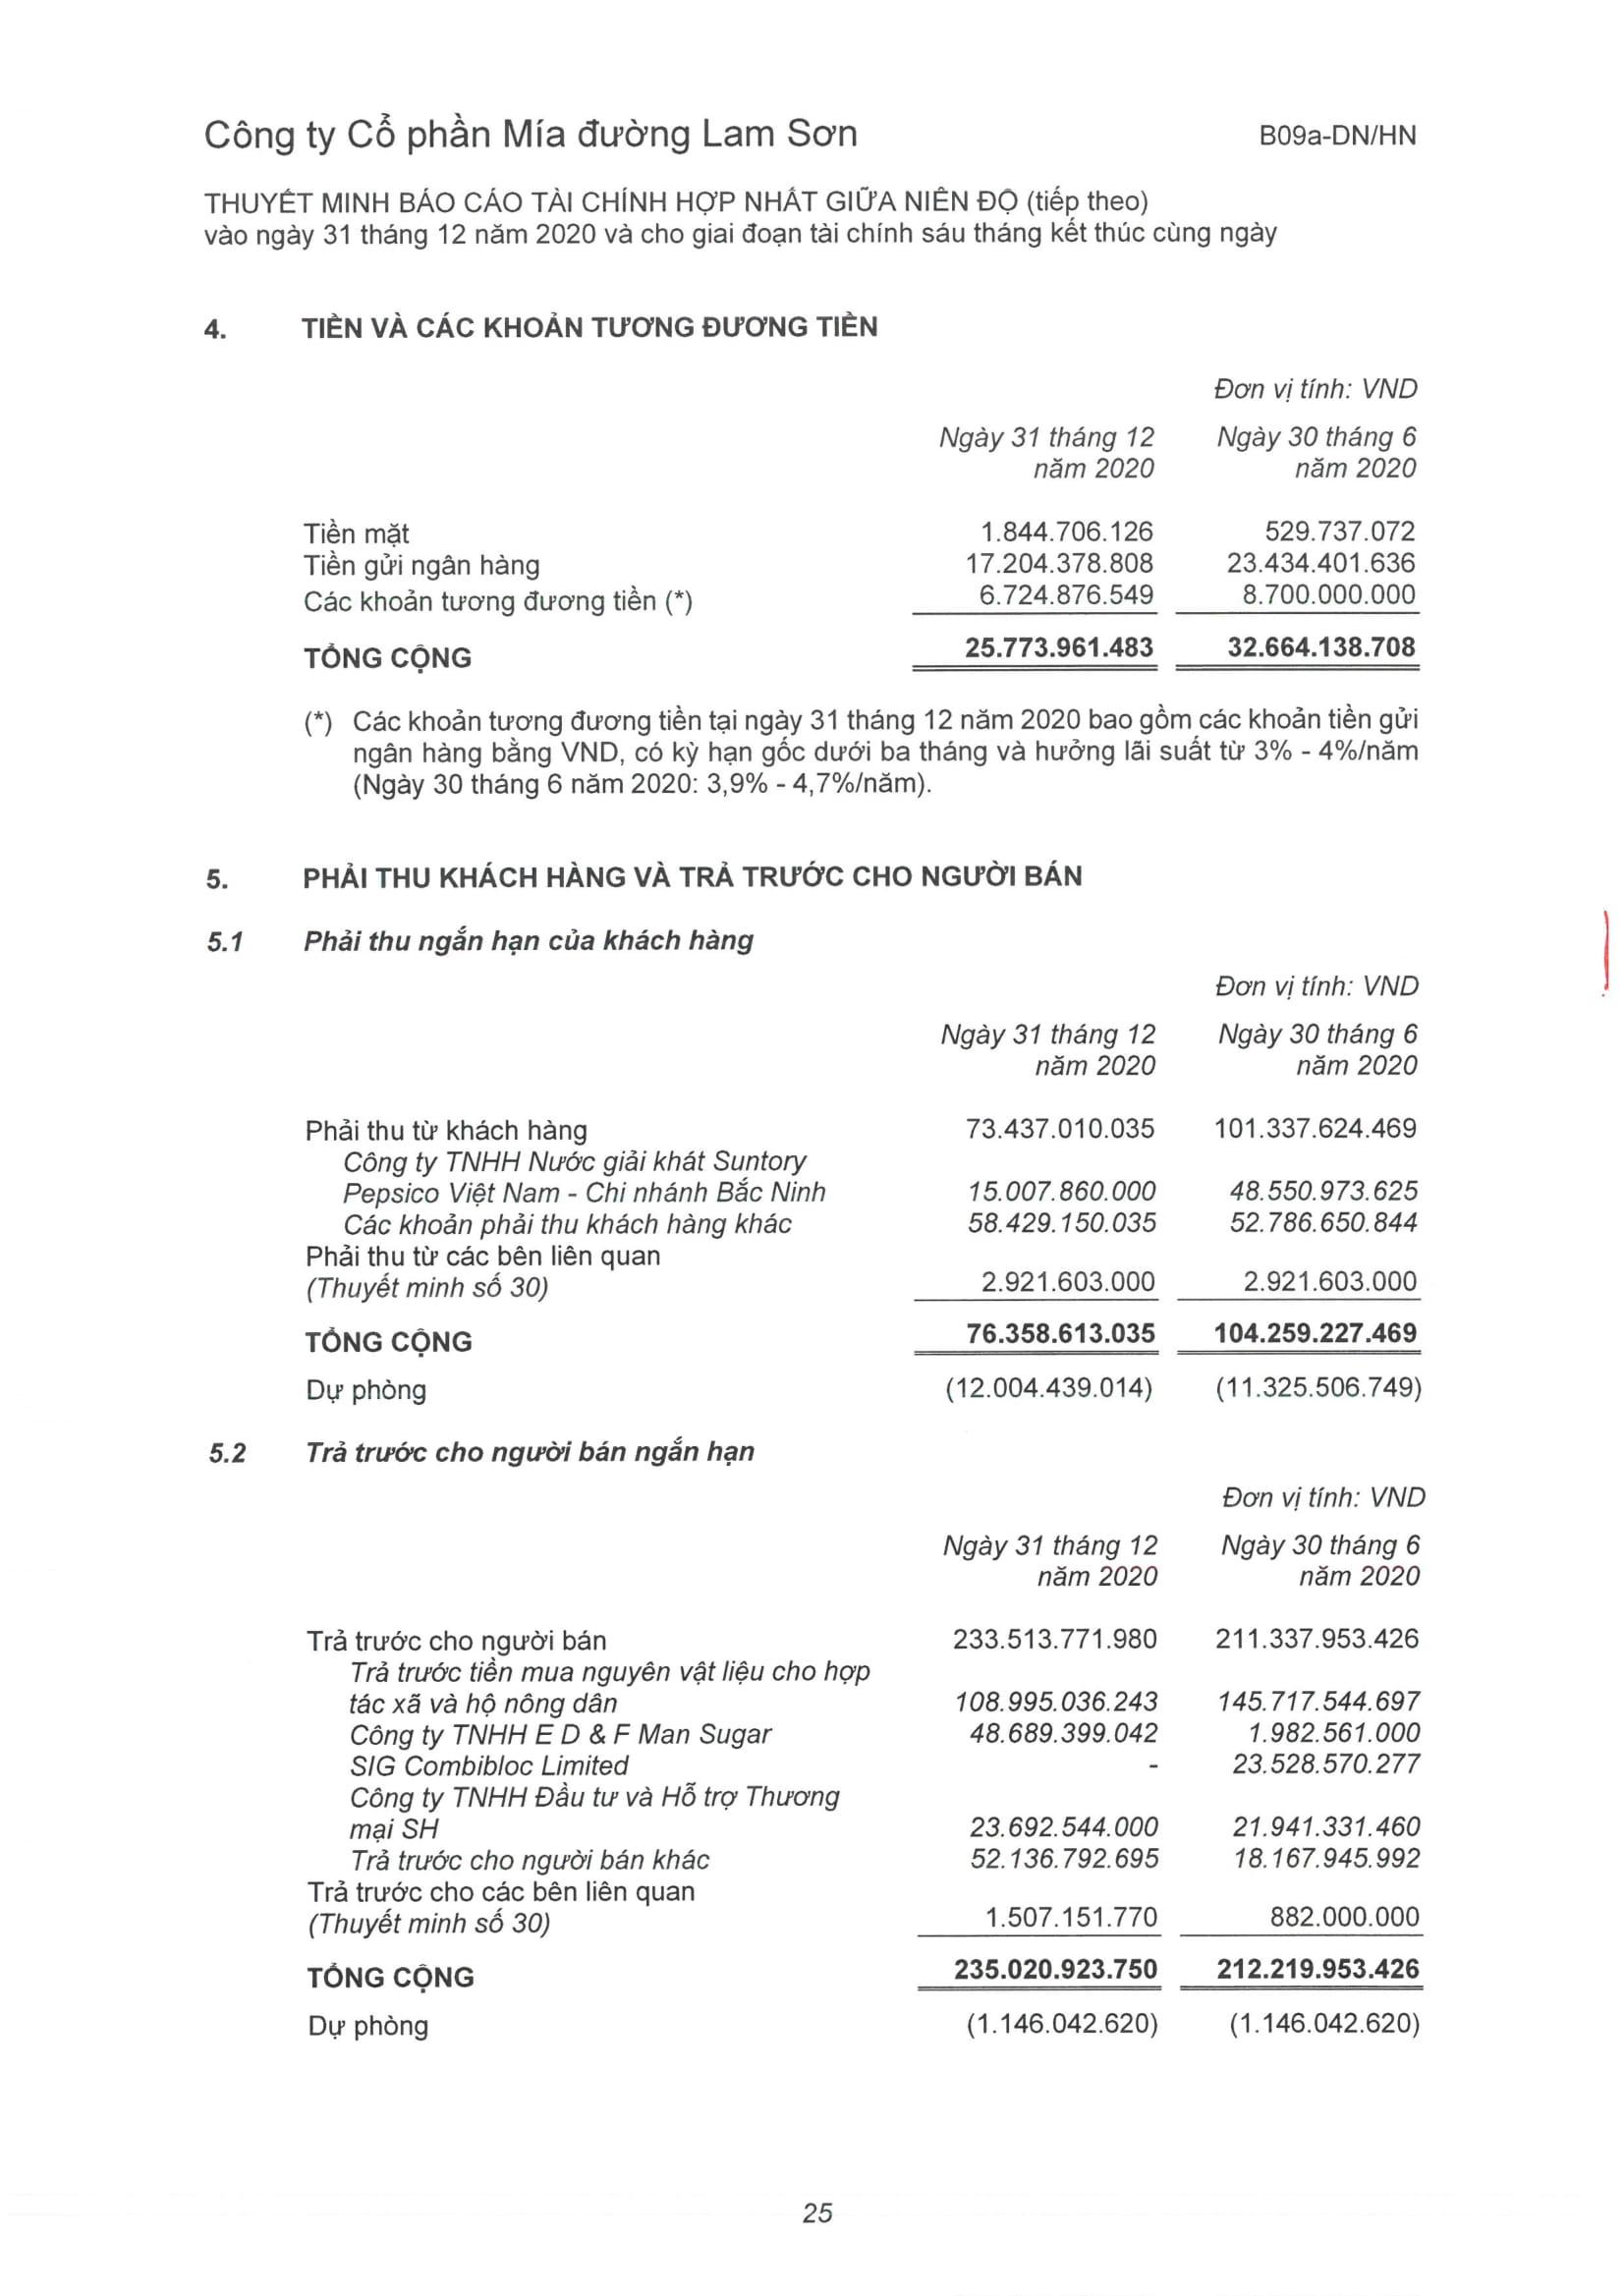 BCTC hợp nhất 31.12.2020-27